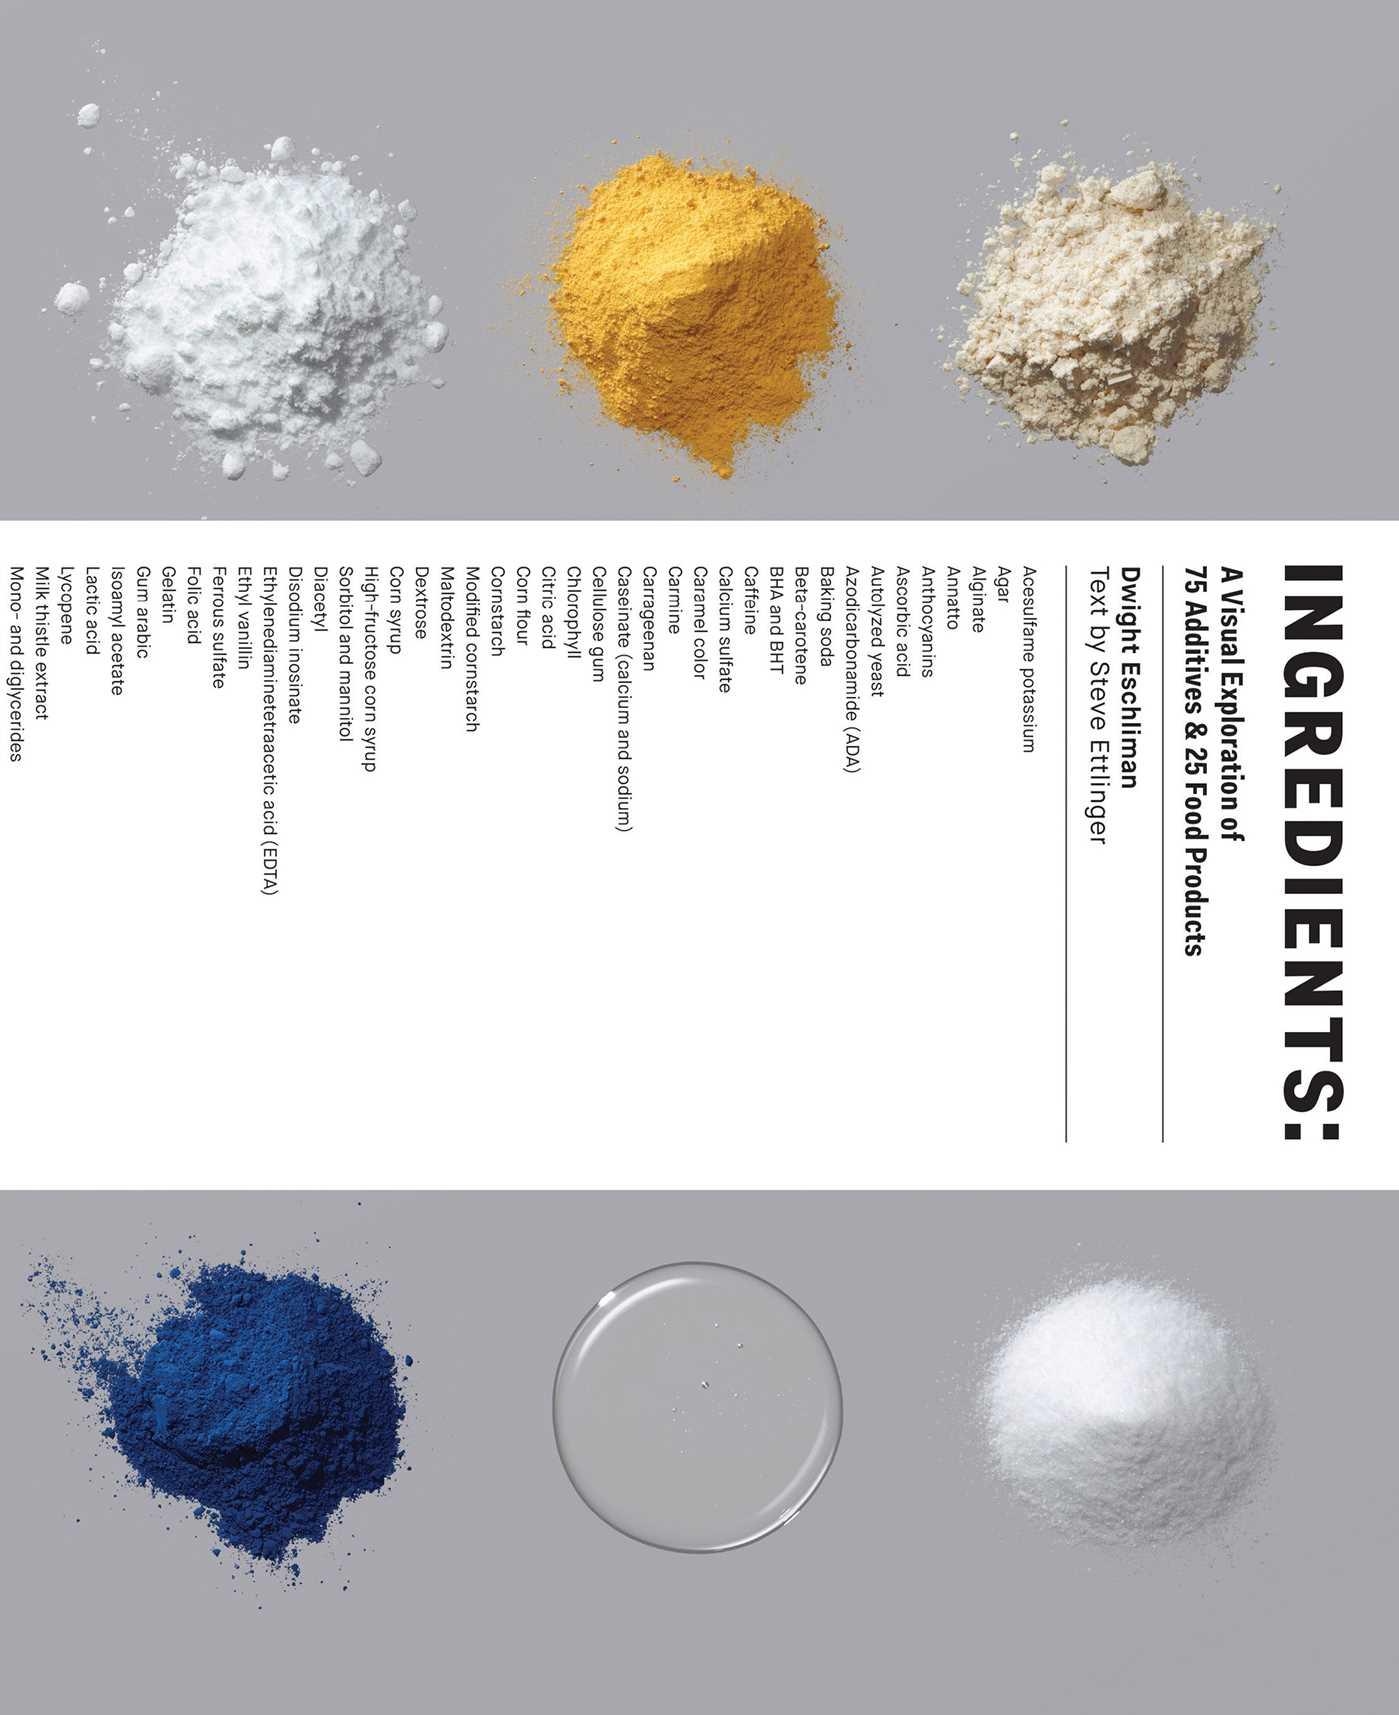 Ingredients 9781941393987 hr